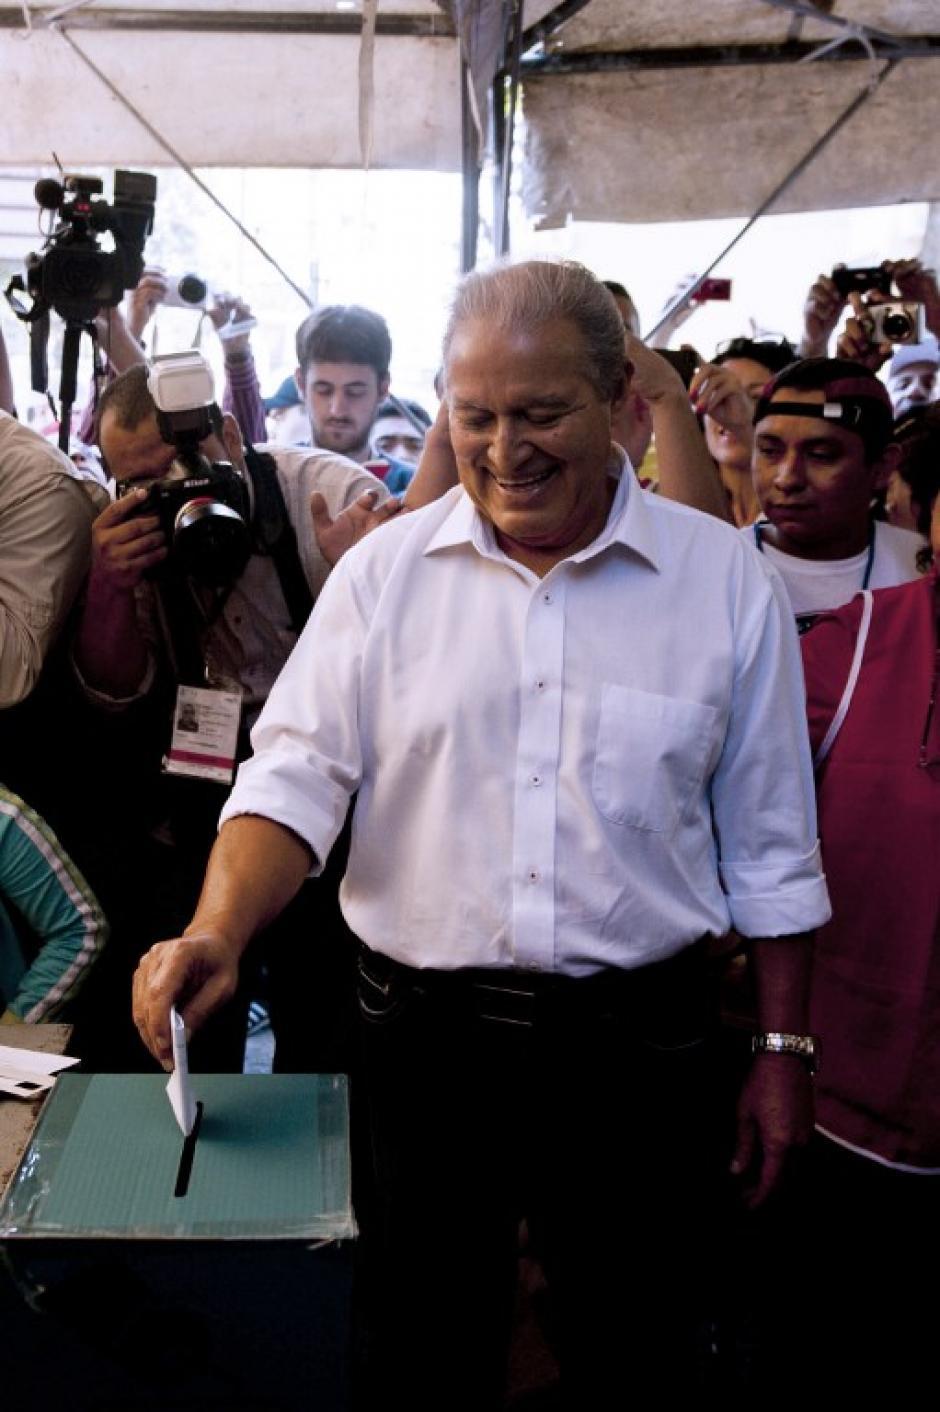 Salvador Sánchez Cerén es candidato del Frente Farabundo Martí para la Liberación Nacional (FMLN), el partido de izquierda salvadoreño. Fue vicepresidente de Mauricio Funes, actual presidente, y abandonó el puesto en 2012 para dedicarse a su campaña por la presidencia. De ganar se convertiría en el primer ex guerrillero en llegar al puesto. (Foto: AFP)